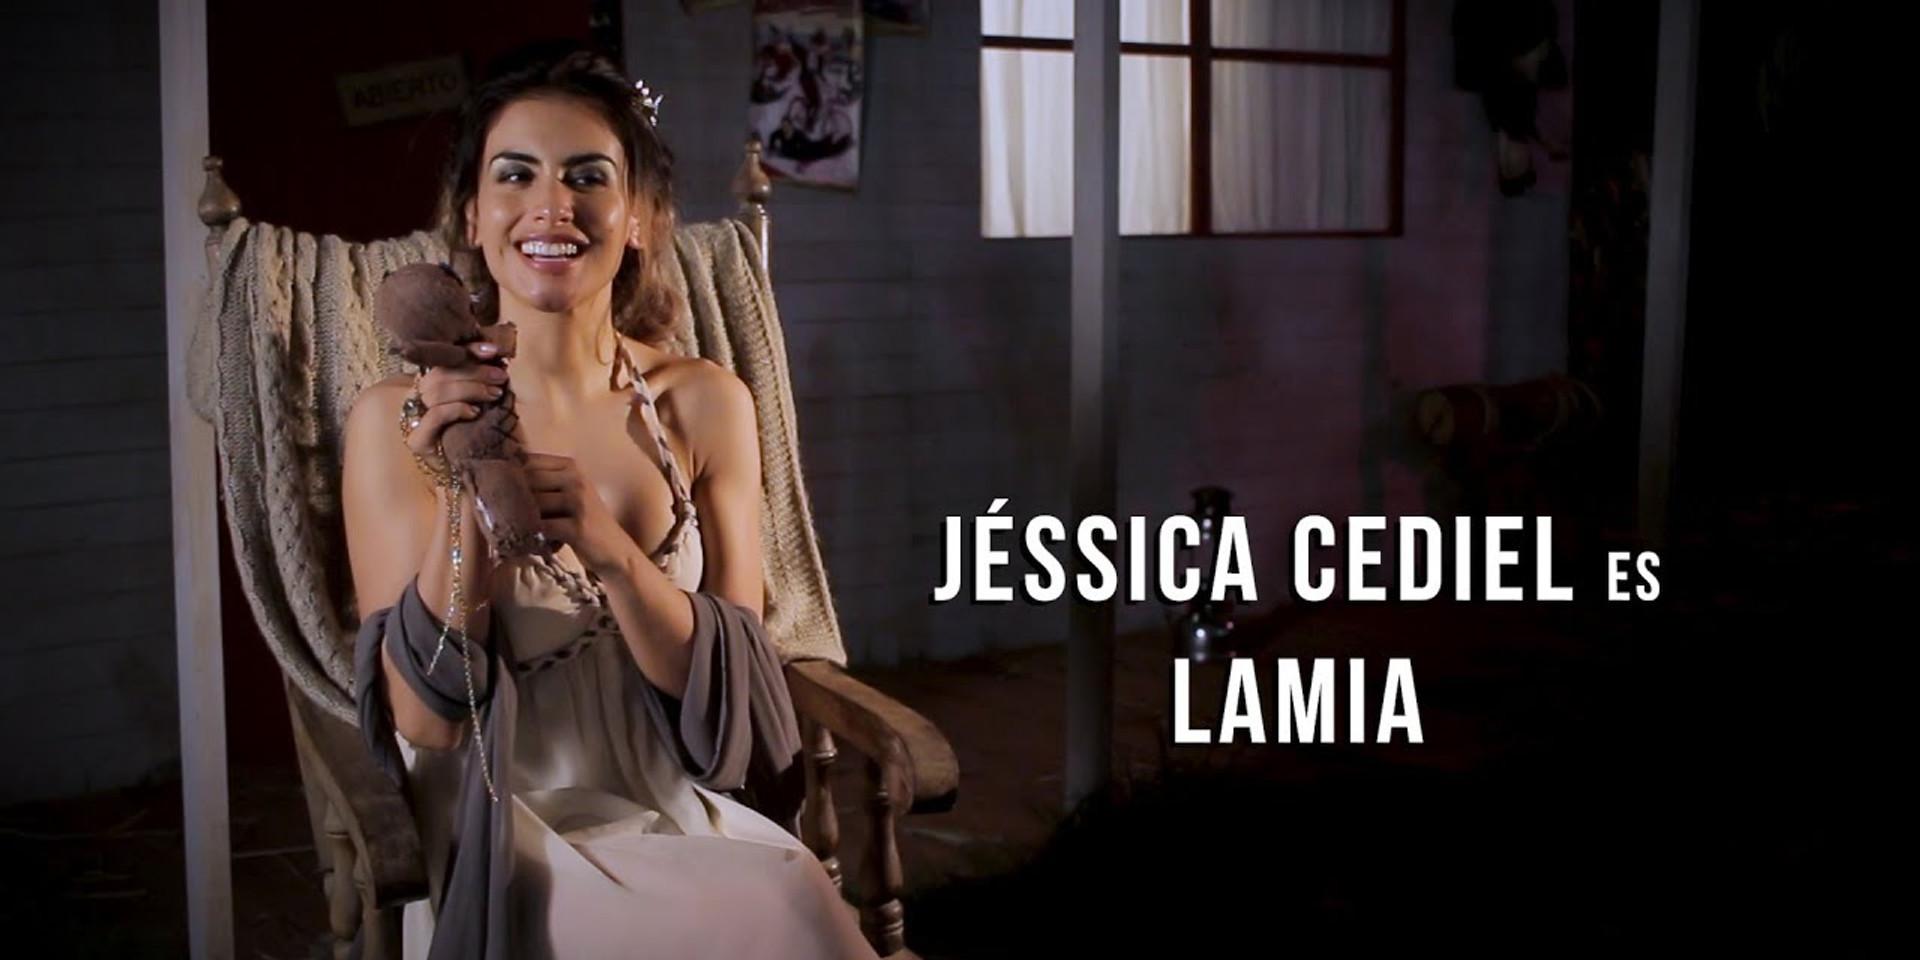 Jéssica Cediel es Lamia